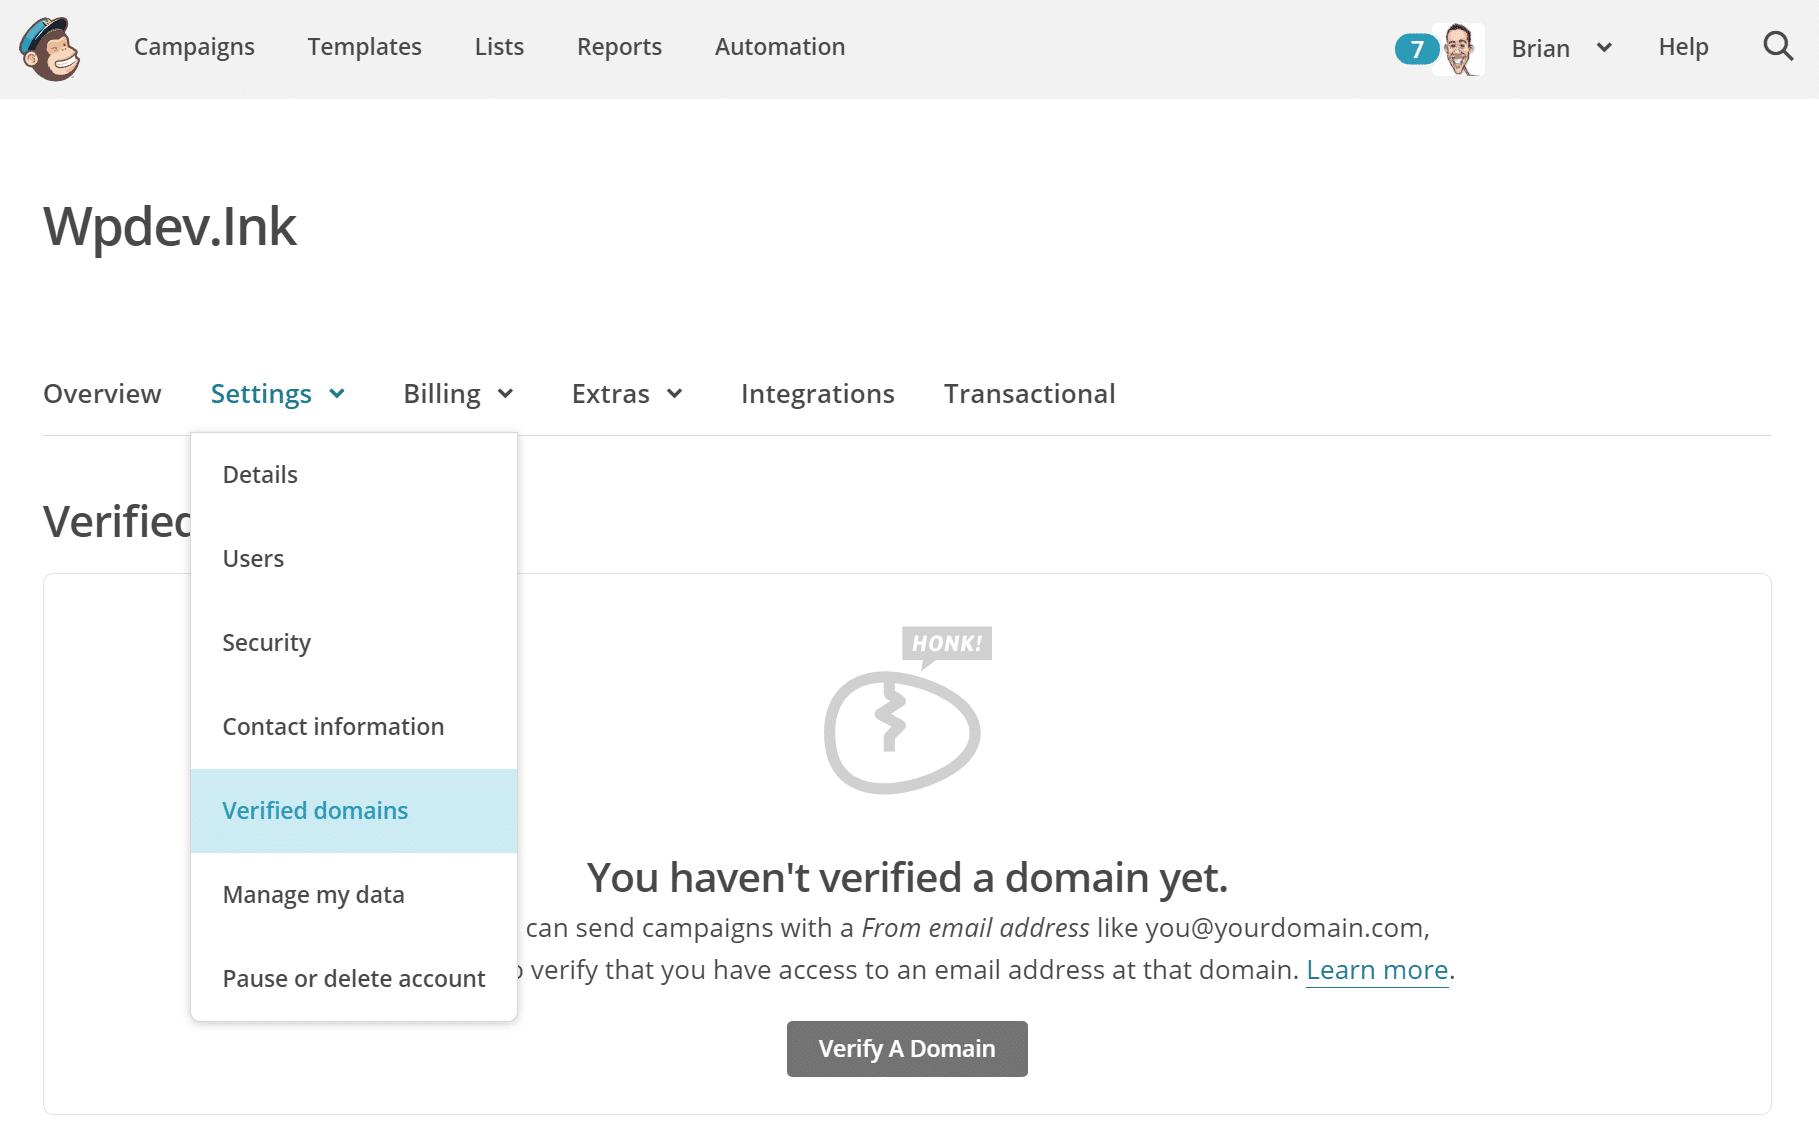 Dominios verificados de Mailchimp